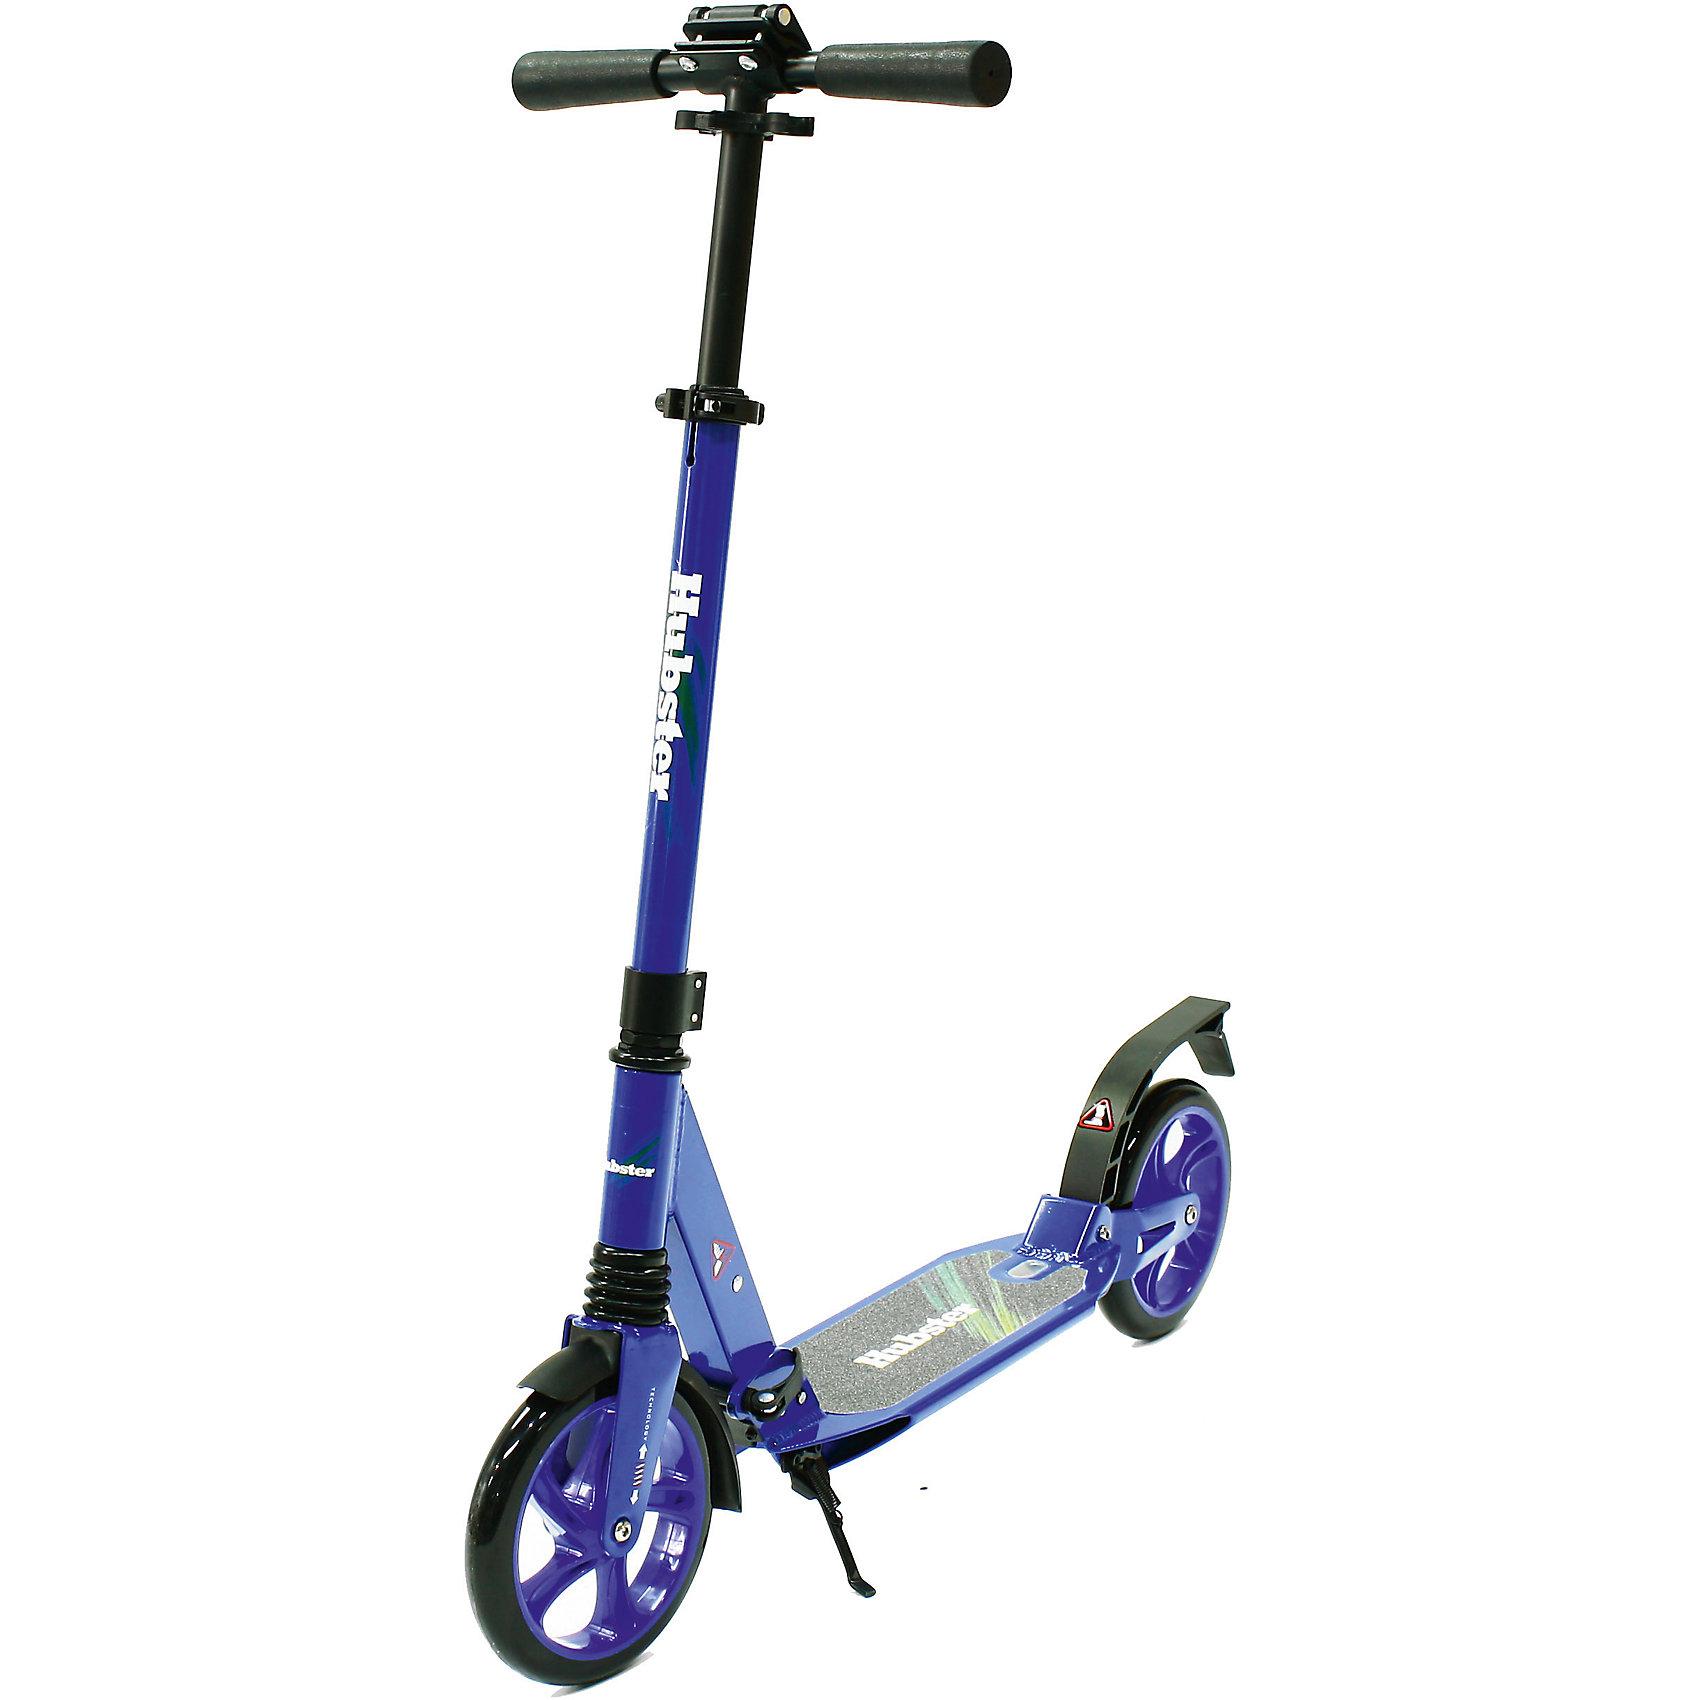 Самокат Hubster Street,  синийСамокаты<br>Алюминиевая рама; Максимальная нагрузка до 100 кг. <br> Регулируемая высота руля до max.роста 180см                            Тормоза задние-наступающий (step-on brake)                 Полиуретановые литые колёса жёсткостью 82А                           Размер колёс: 200мм; Подшипники: АВЕС-7хром                                                                                                                           Лёгкая долговечная система складывания, прорезиненные ручки                                                       <br>Передний и задний амортизаторы<br>                                С 6 лет<br><br>Ширина мм: 850<br>Глубина мм: 320<br>Высота мм: 140<br>Вес г: 6500<br>Возраст от месяцев: 72<br>Возраст до месяцев: 192<br>Пол: Унисекс<br>Возраст: Детский<br>SKU: 5518976